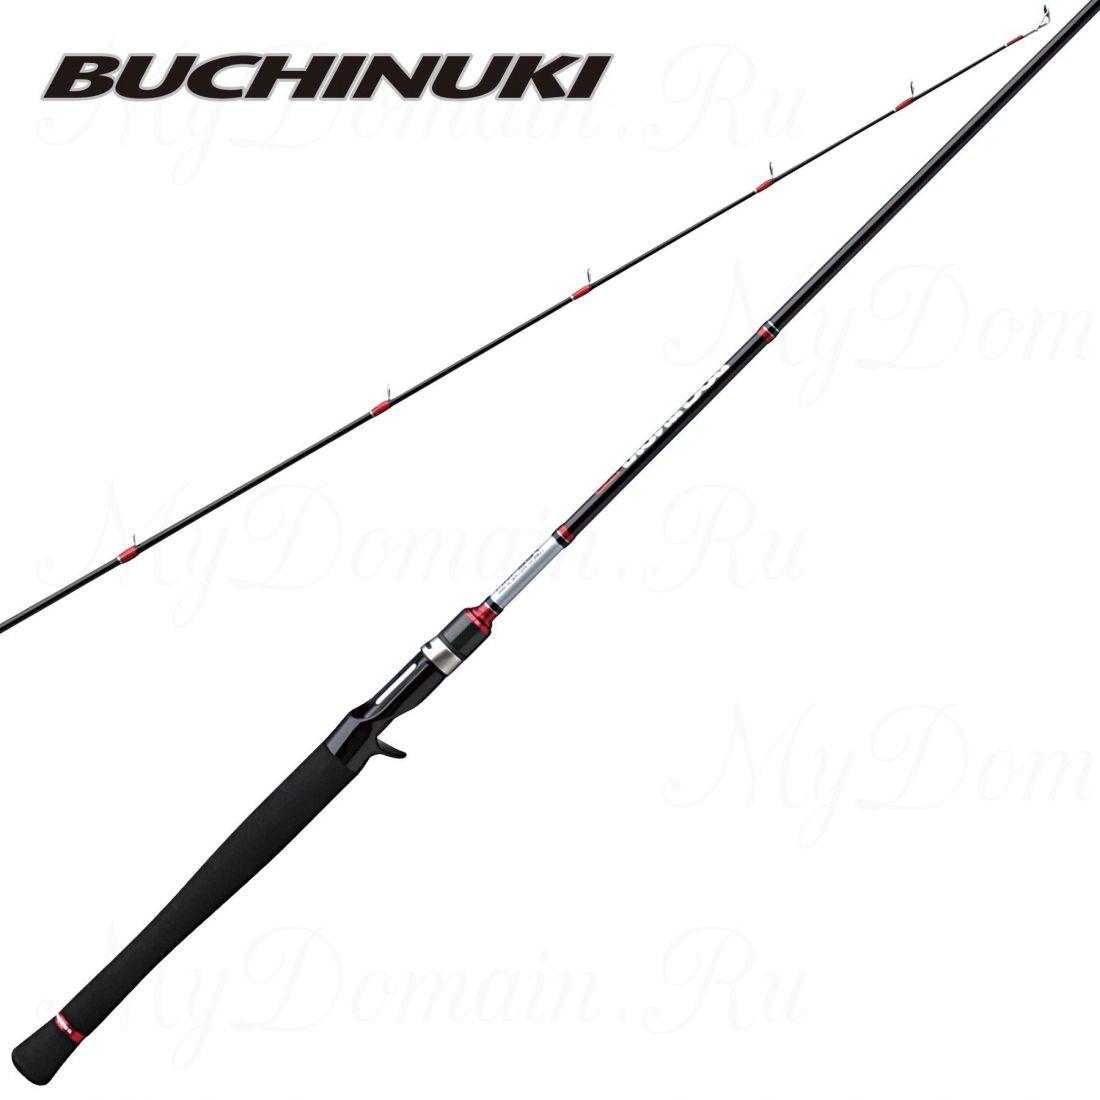 Удилище кастинговое Prox Buchinuki BC-X 662MH 200 cм, 2 секции, 10-40 гр, вес 143 гр, транспортная длина 104 см.